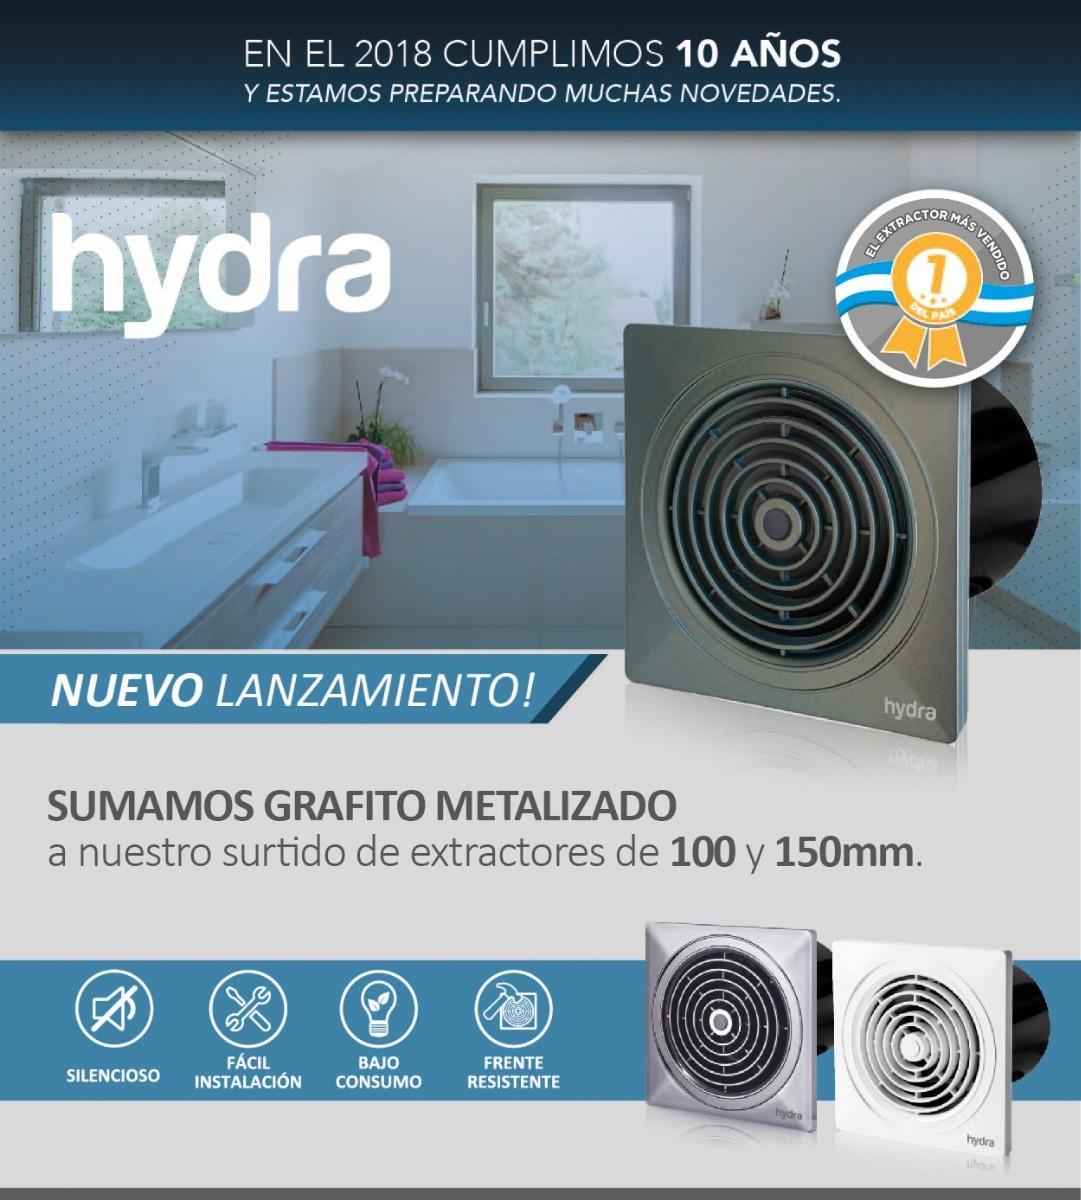 Milyon extractor de aire hydra 100mm cocina ba o - Extractor bano silencioso ...